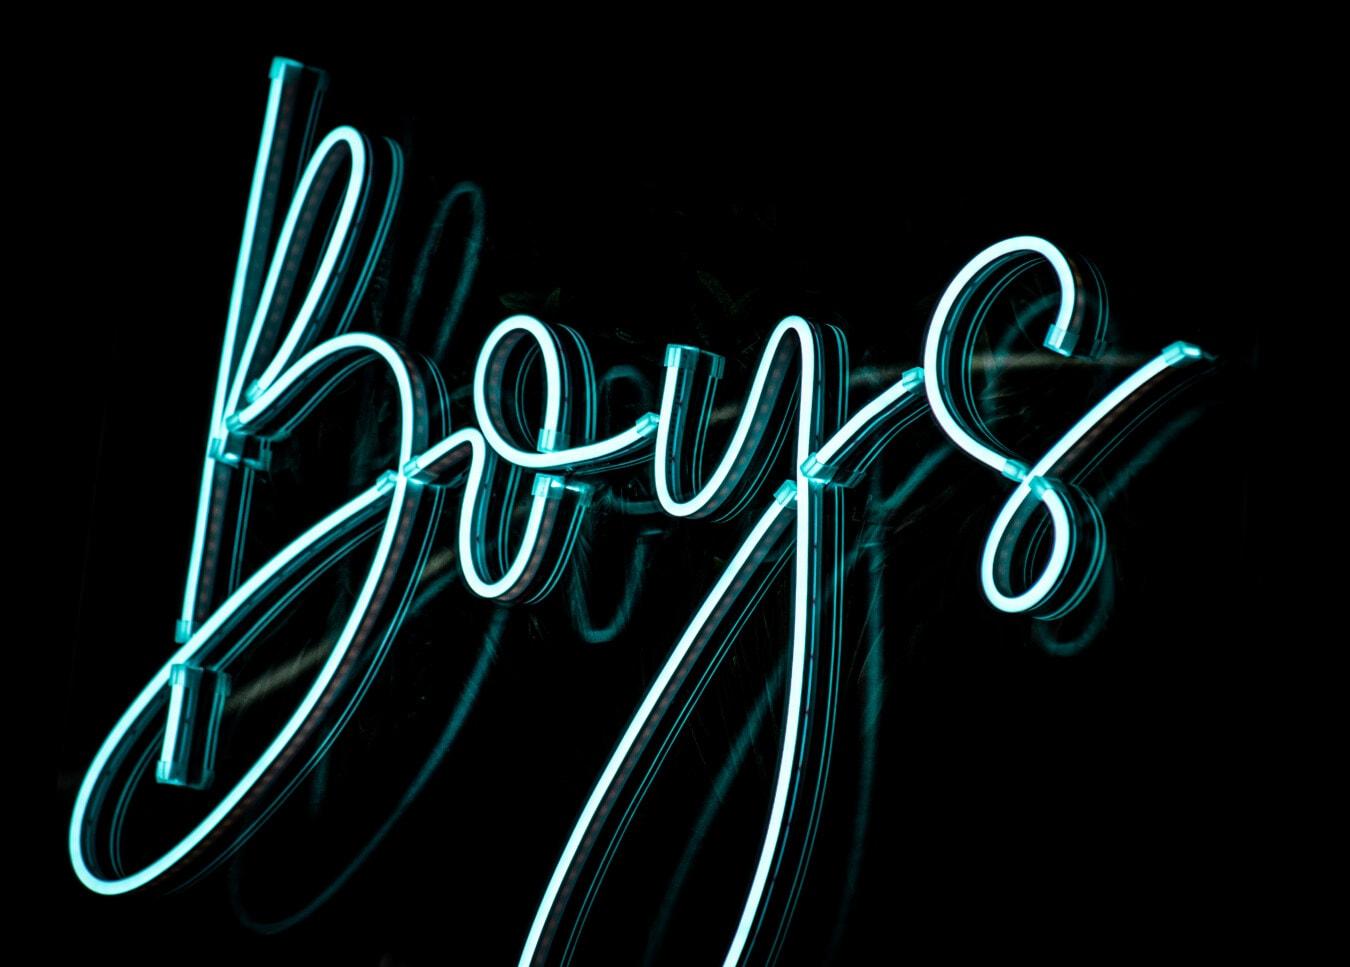 jungen, Text, Neon, grünes Licht, Zeichen, Hintergrund, Schwarz, Kurve, Design, Dunkel